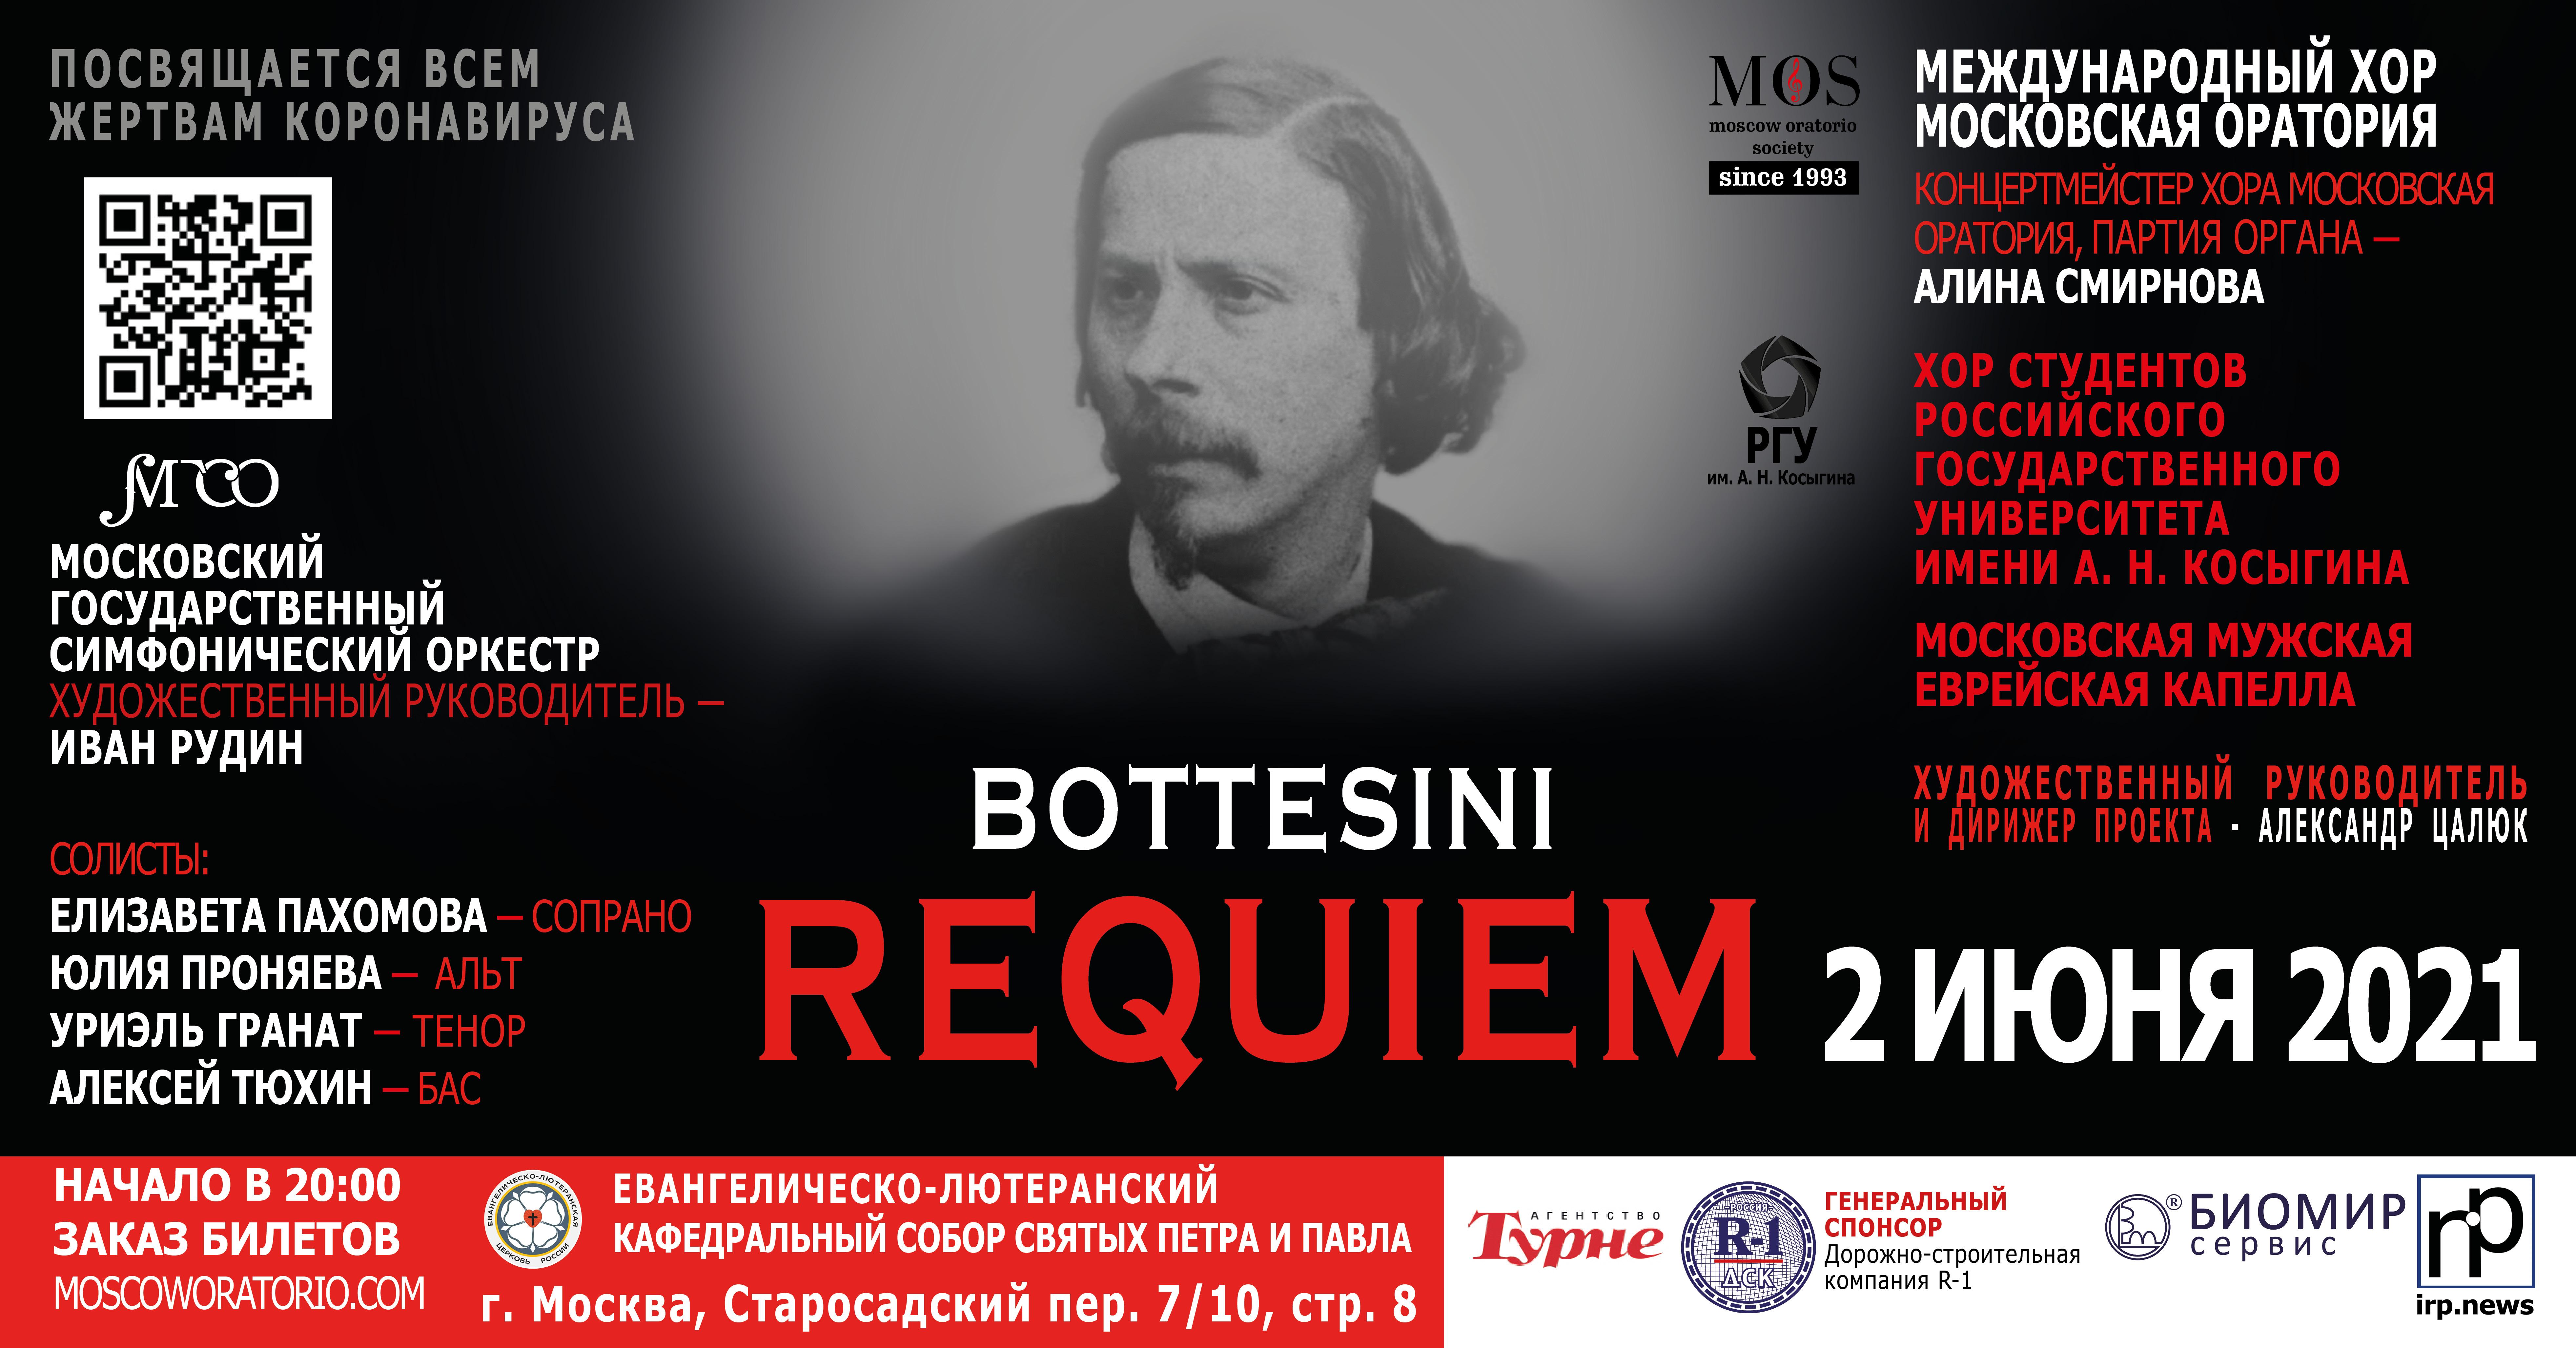 Прямая трансляция Реквиема Дж.Боттезини по жертвам коронавируса